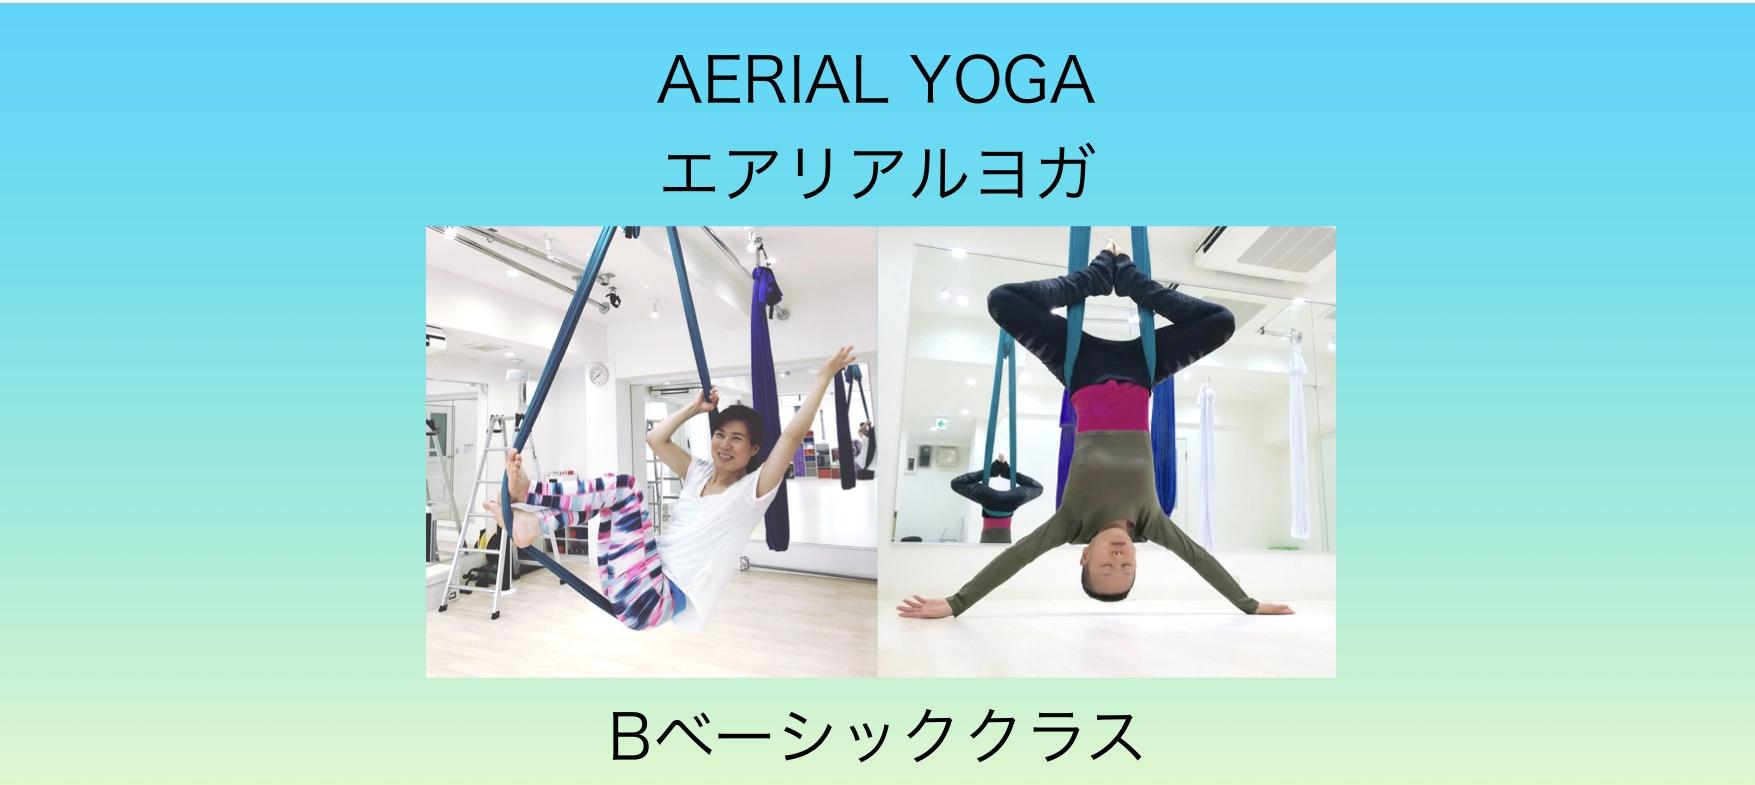 aerial-yoga-b